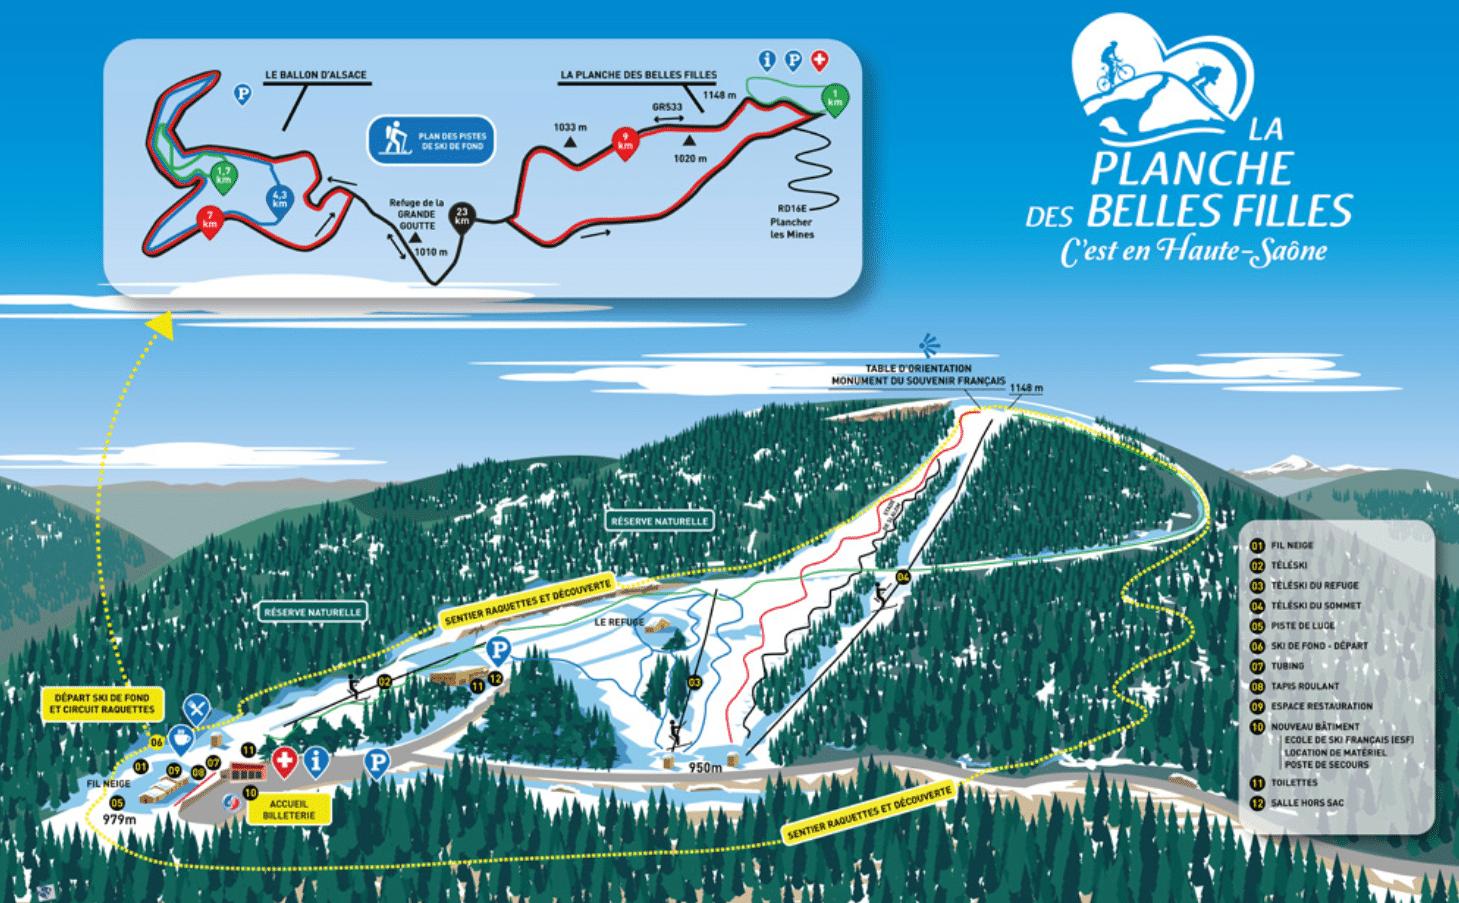 La Planche des belles filles - Plan des pistes de ski